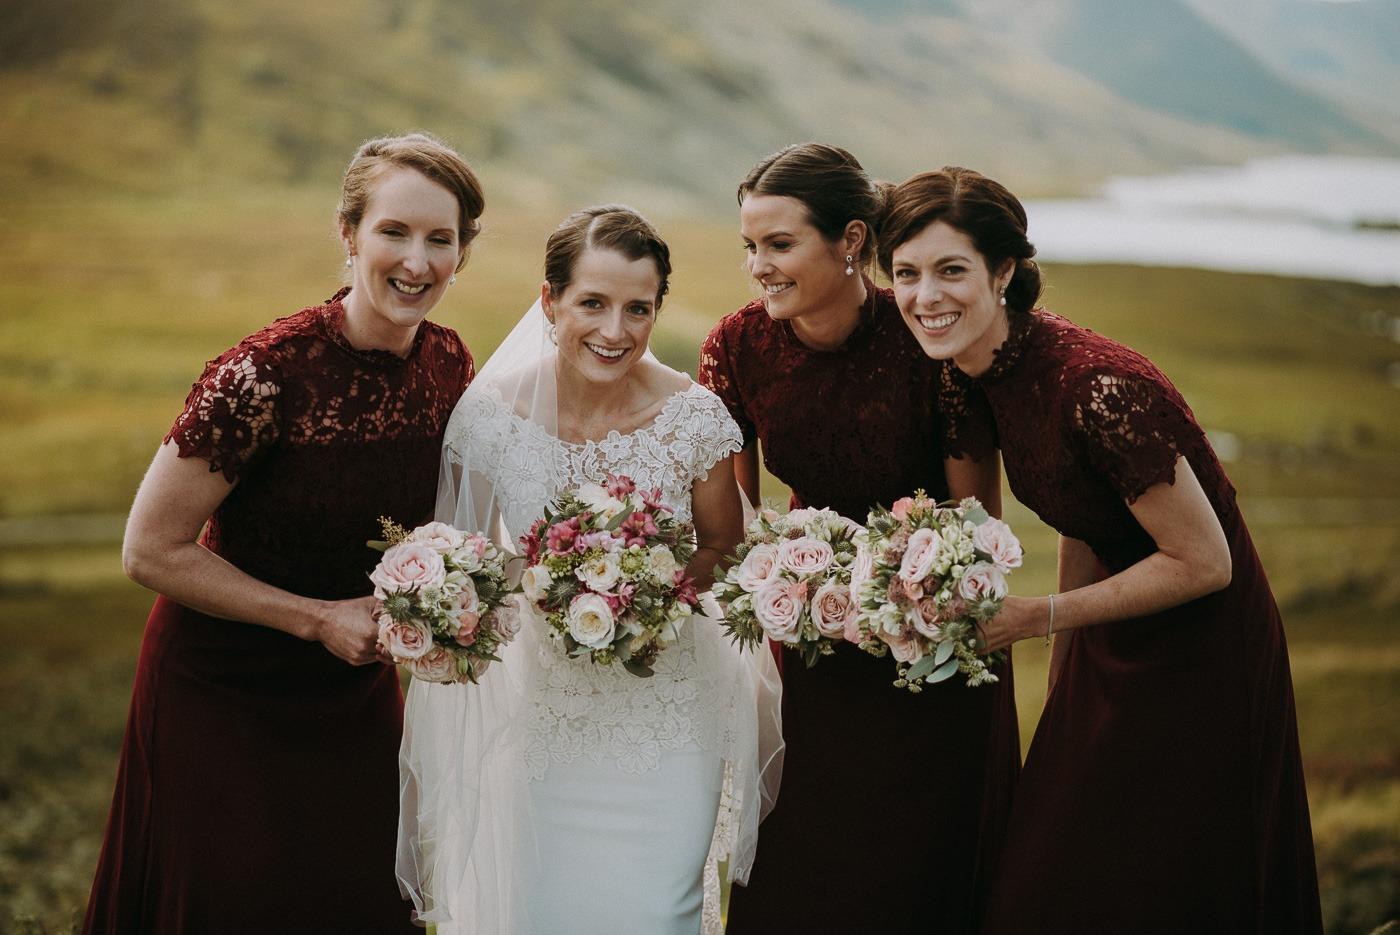 Leonora Kennedy in a wedding dress